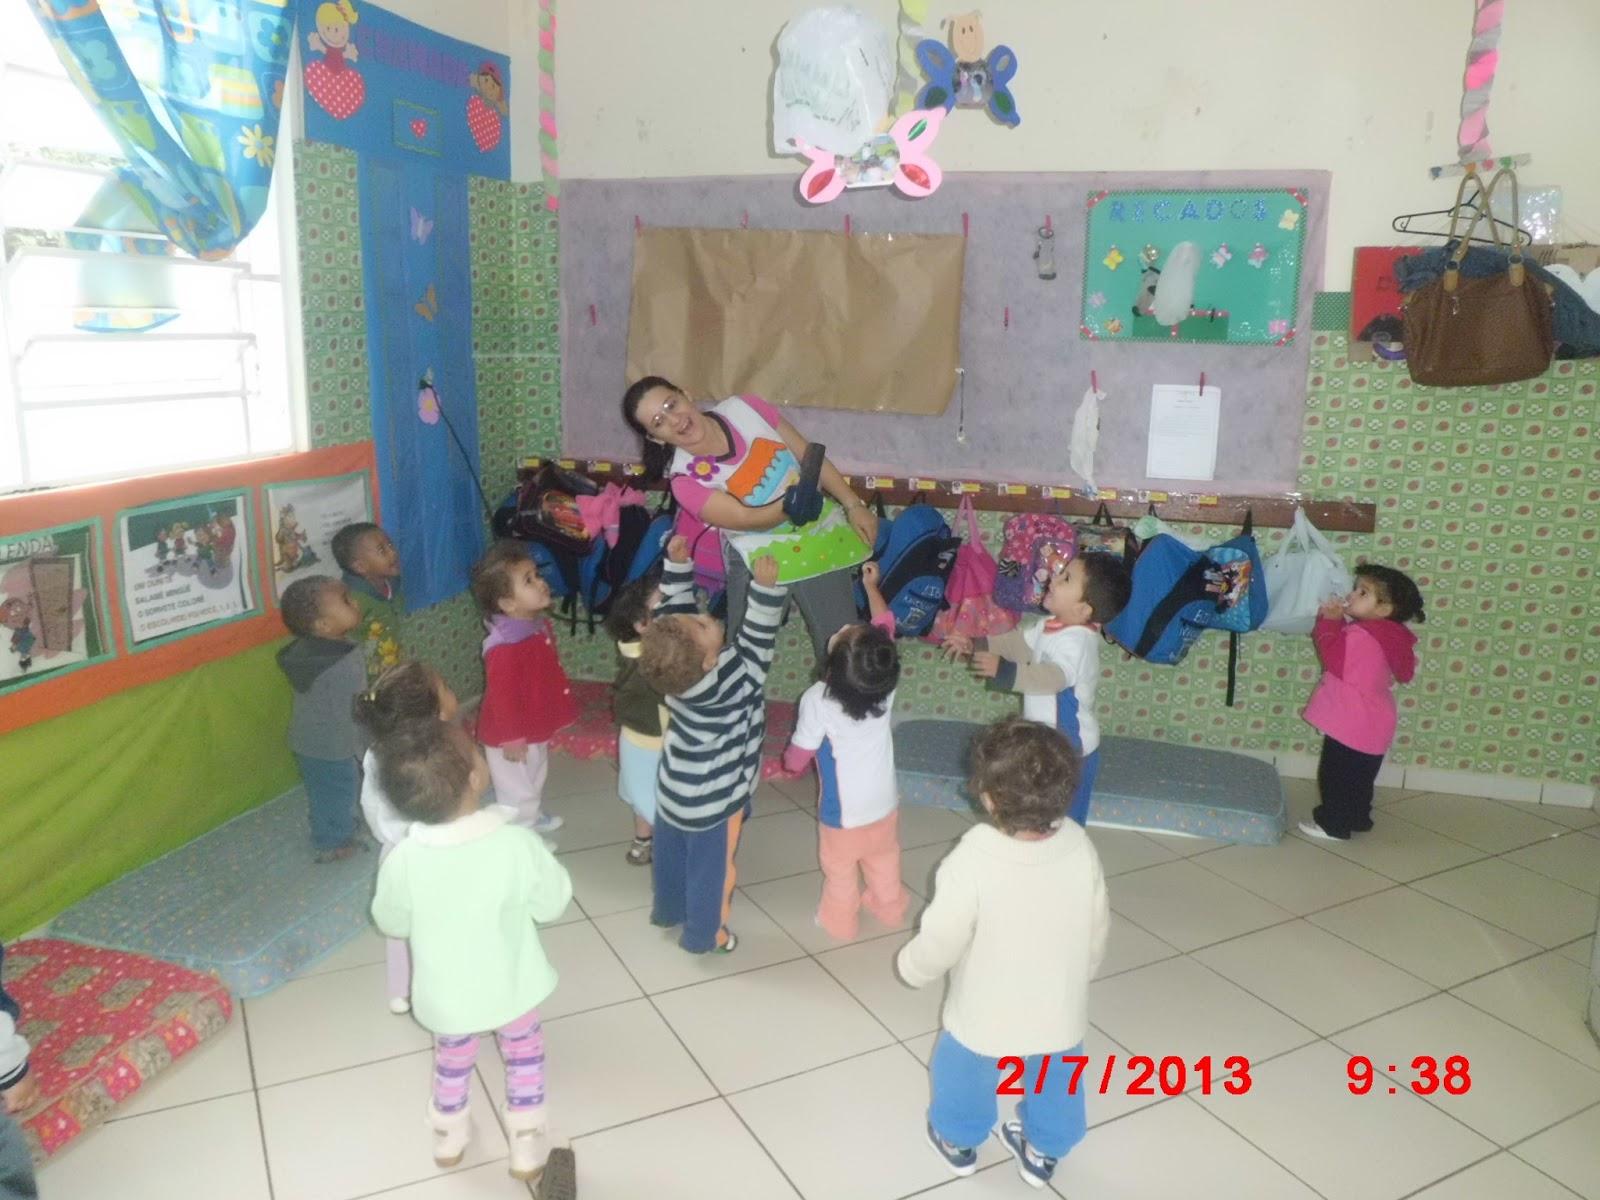 Amado COMPARTILHANDO SABERES NA EDUCAÇÃO INFANTIL***: ARTES VISUAIS NO  JN65